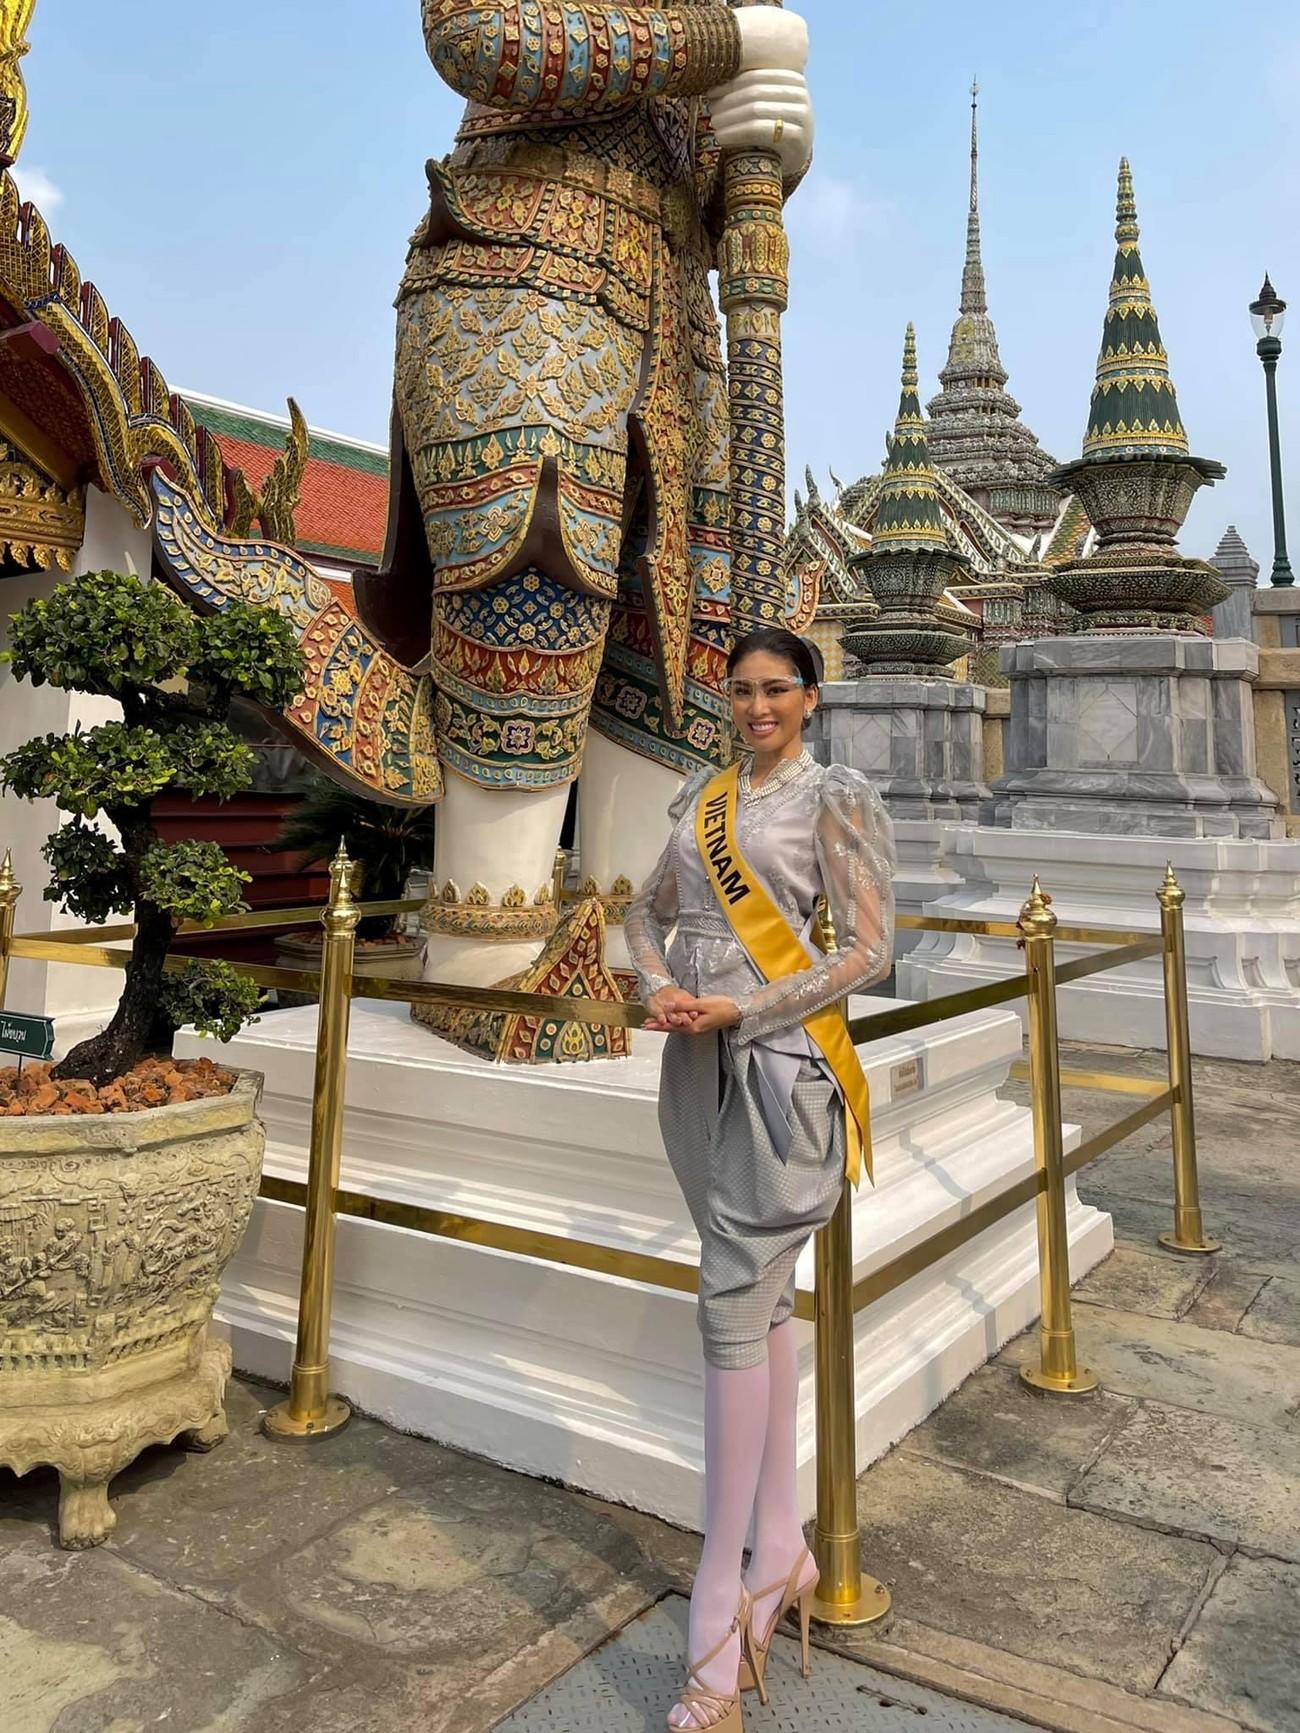 Ngày thứ 3 ở Miss Grand, Ngọc Thảo hoá gái Thái xinh đẹp đi vãn cảnh chùa Vàng ảnh 7